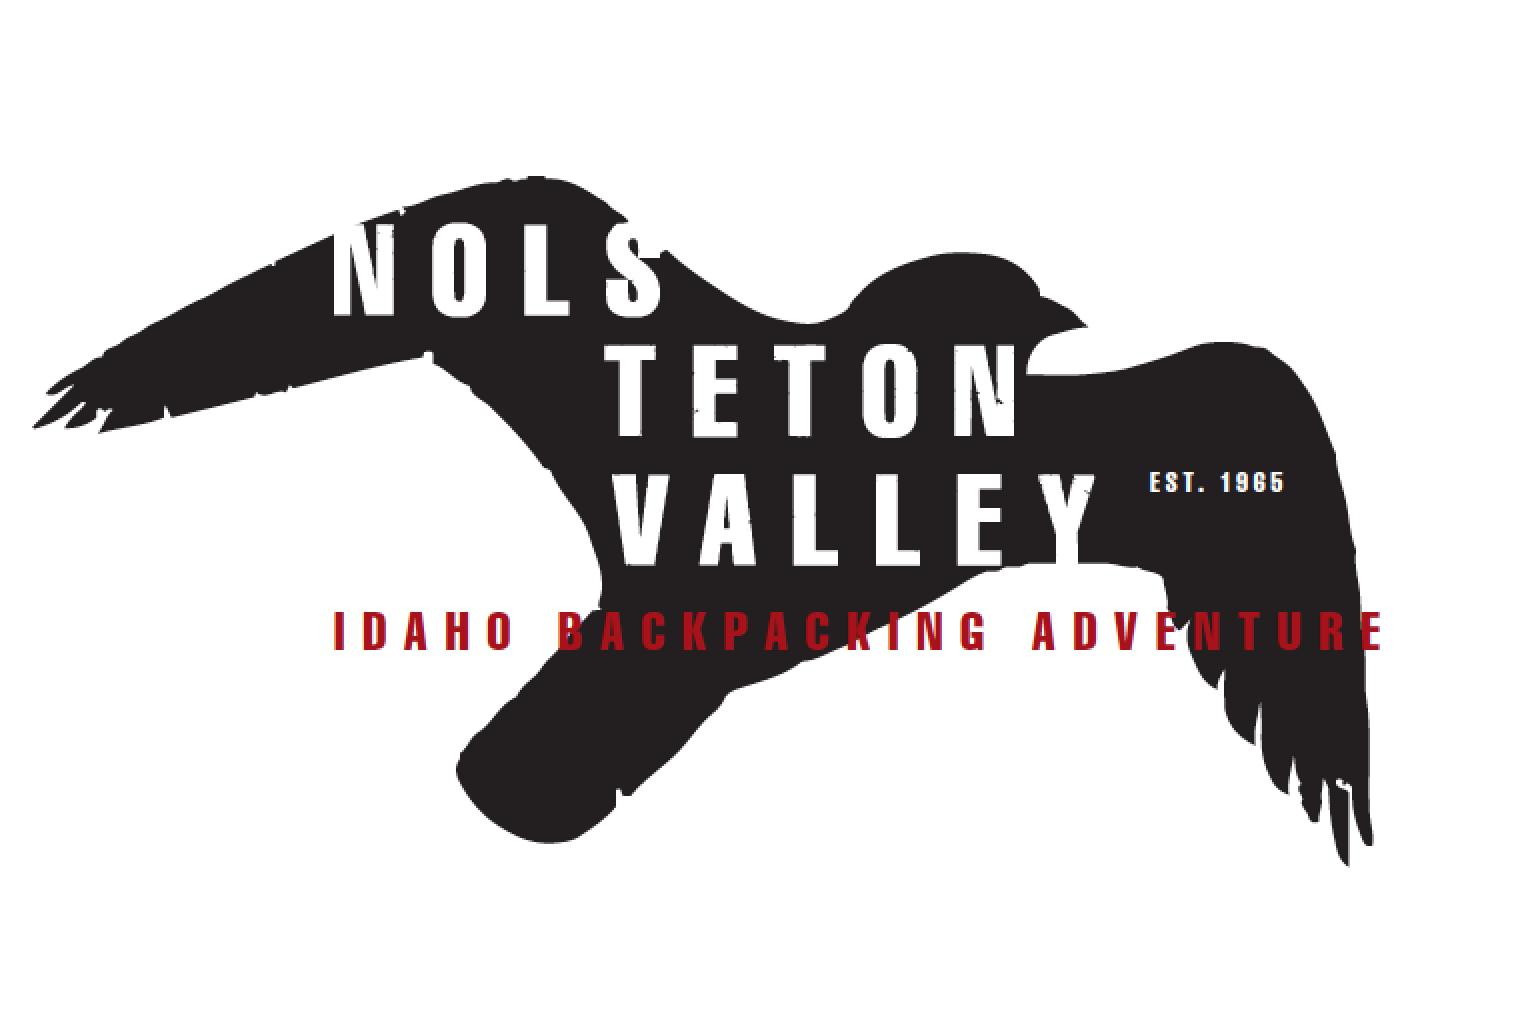 NOLS Teton Valley_1.png